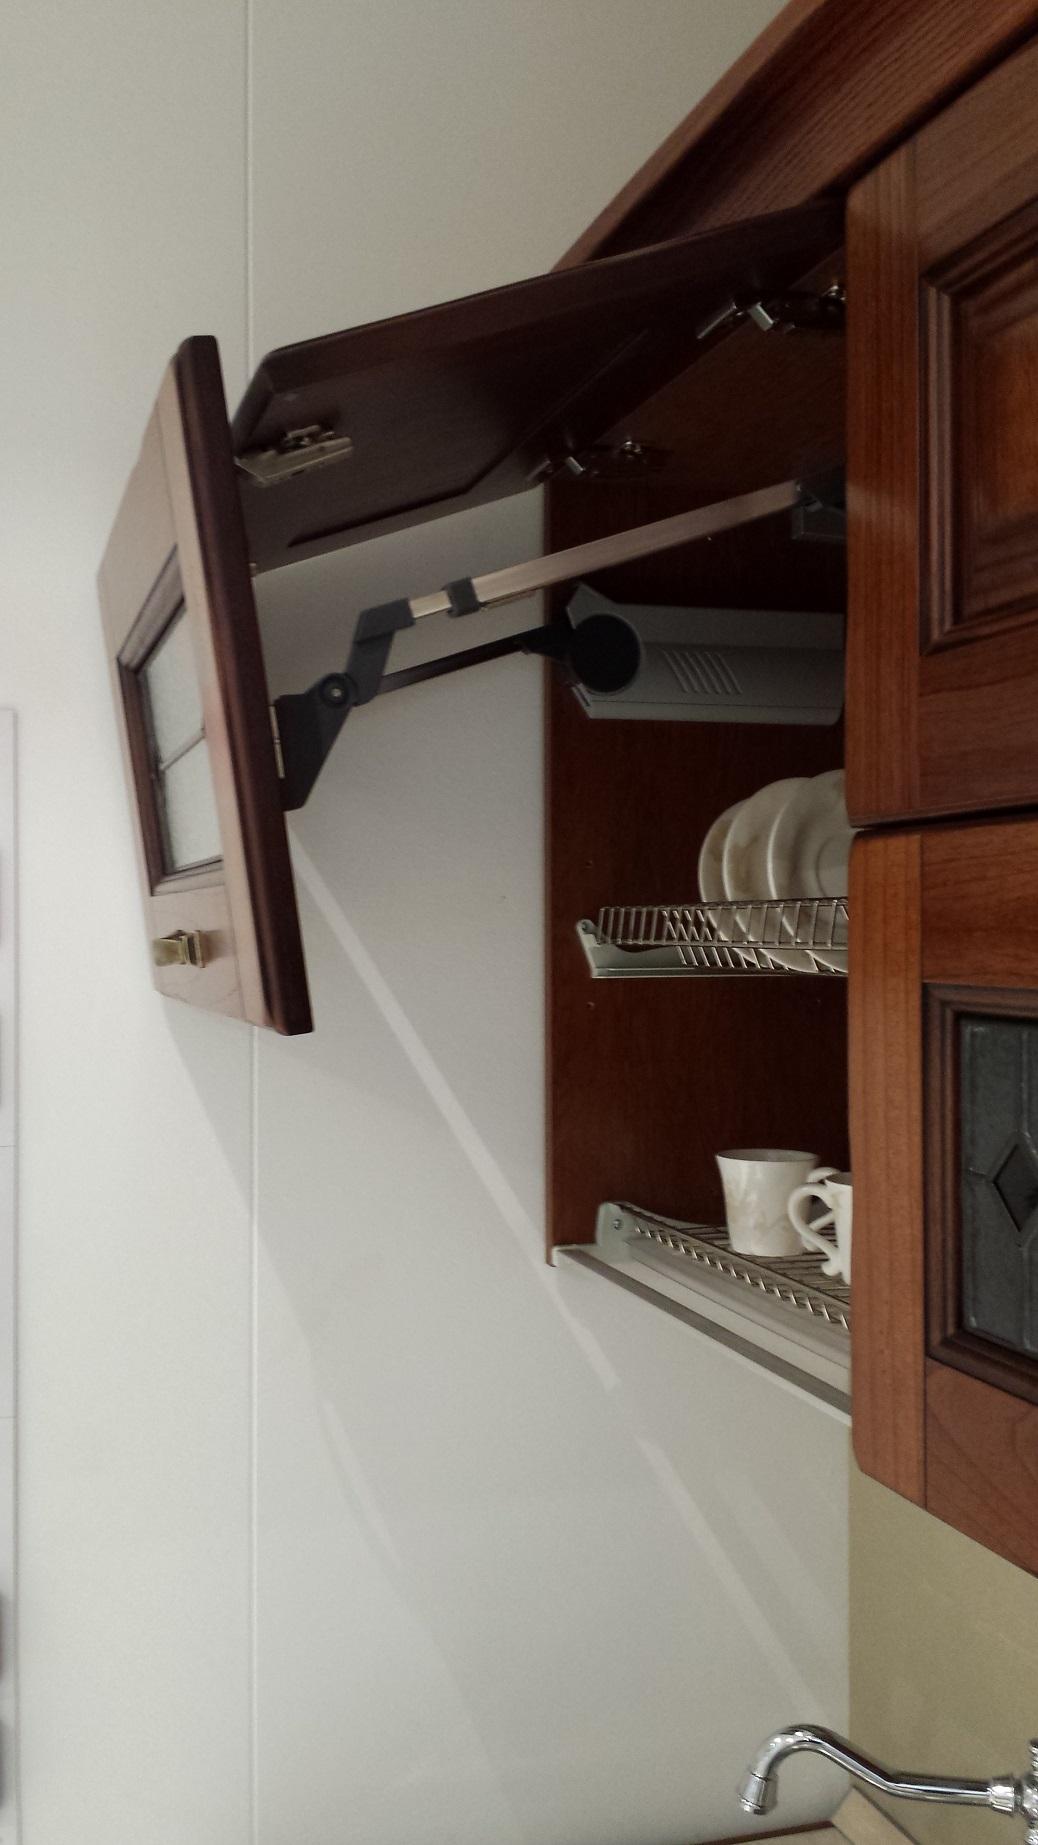 Cucina lube modello laura arte povera in legno massello - Cucina lube laura ...